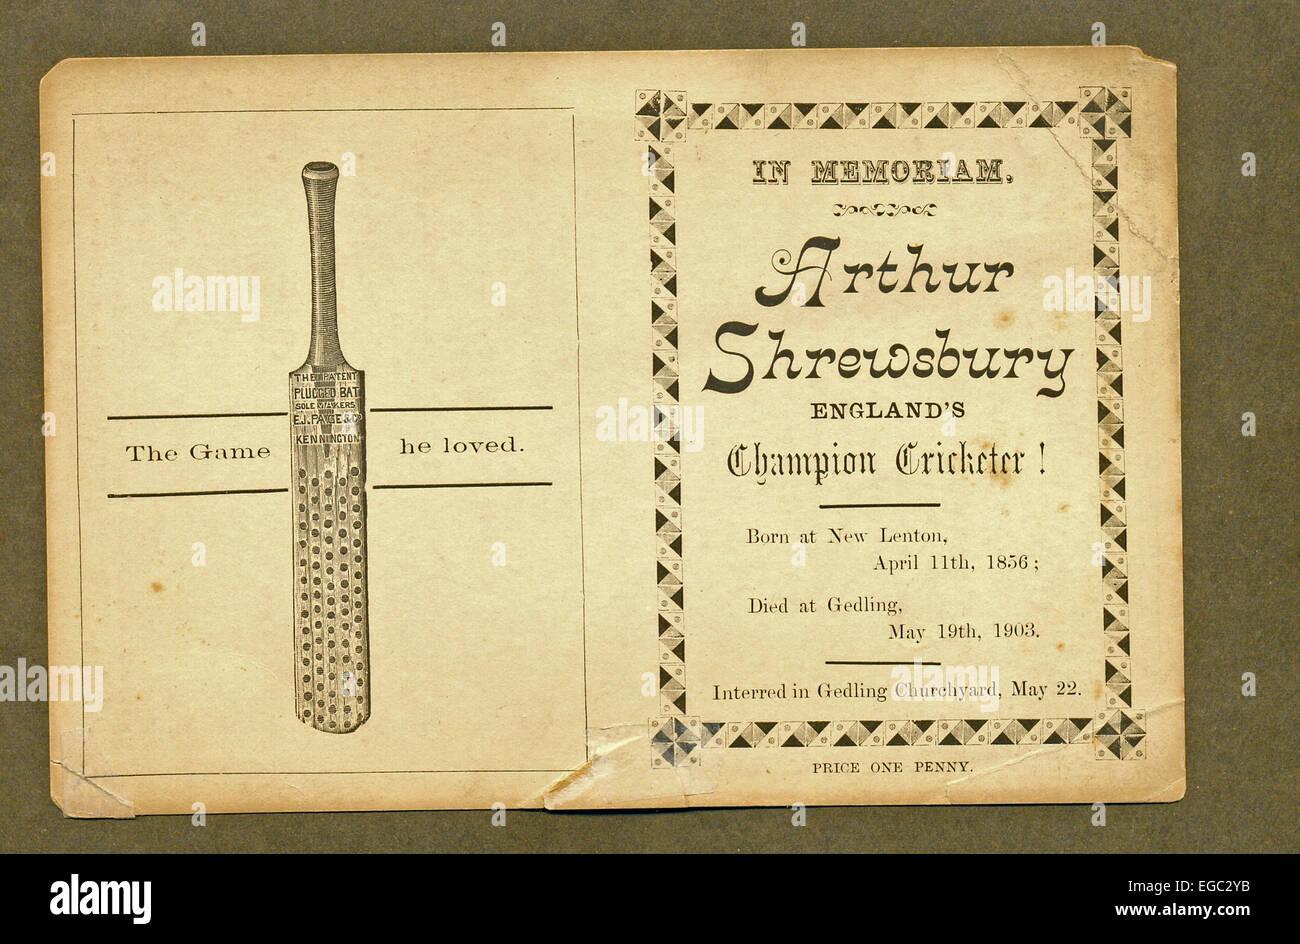 Carte mémoire pour Arthur Shrewsbury, 'Angleterre's Champion Cricketer' Banque D'Images